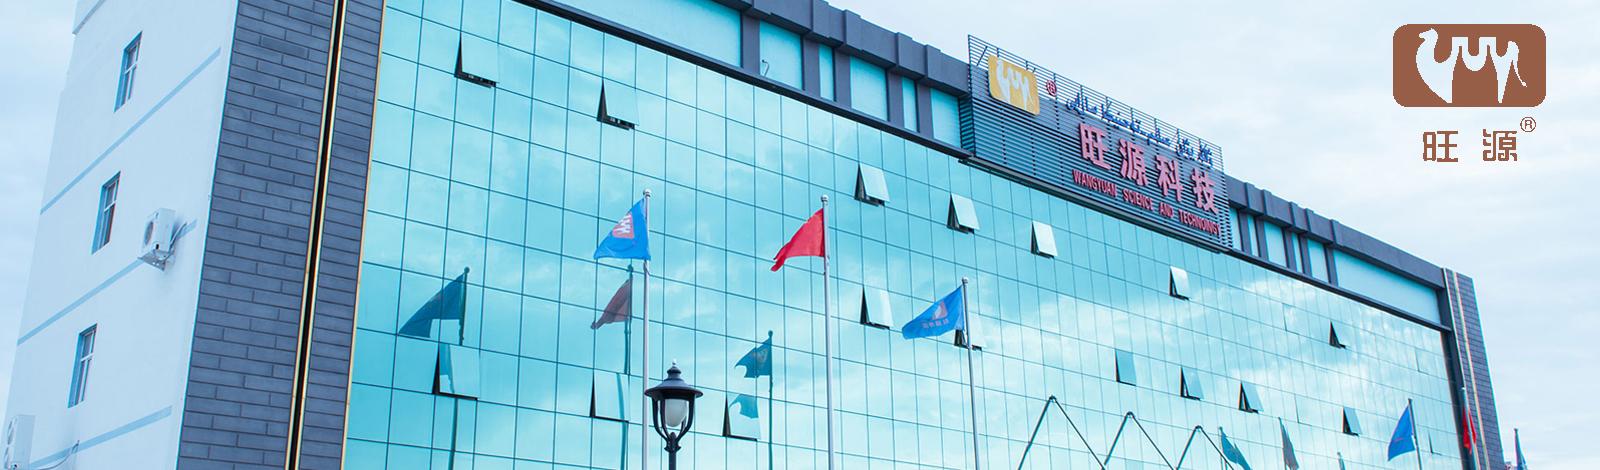 新疆网站建设案例